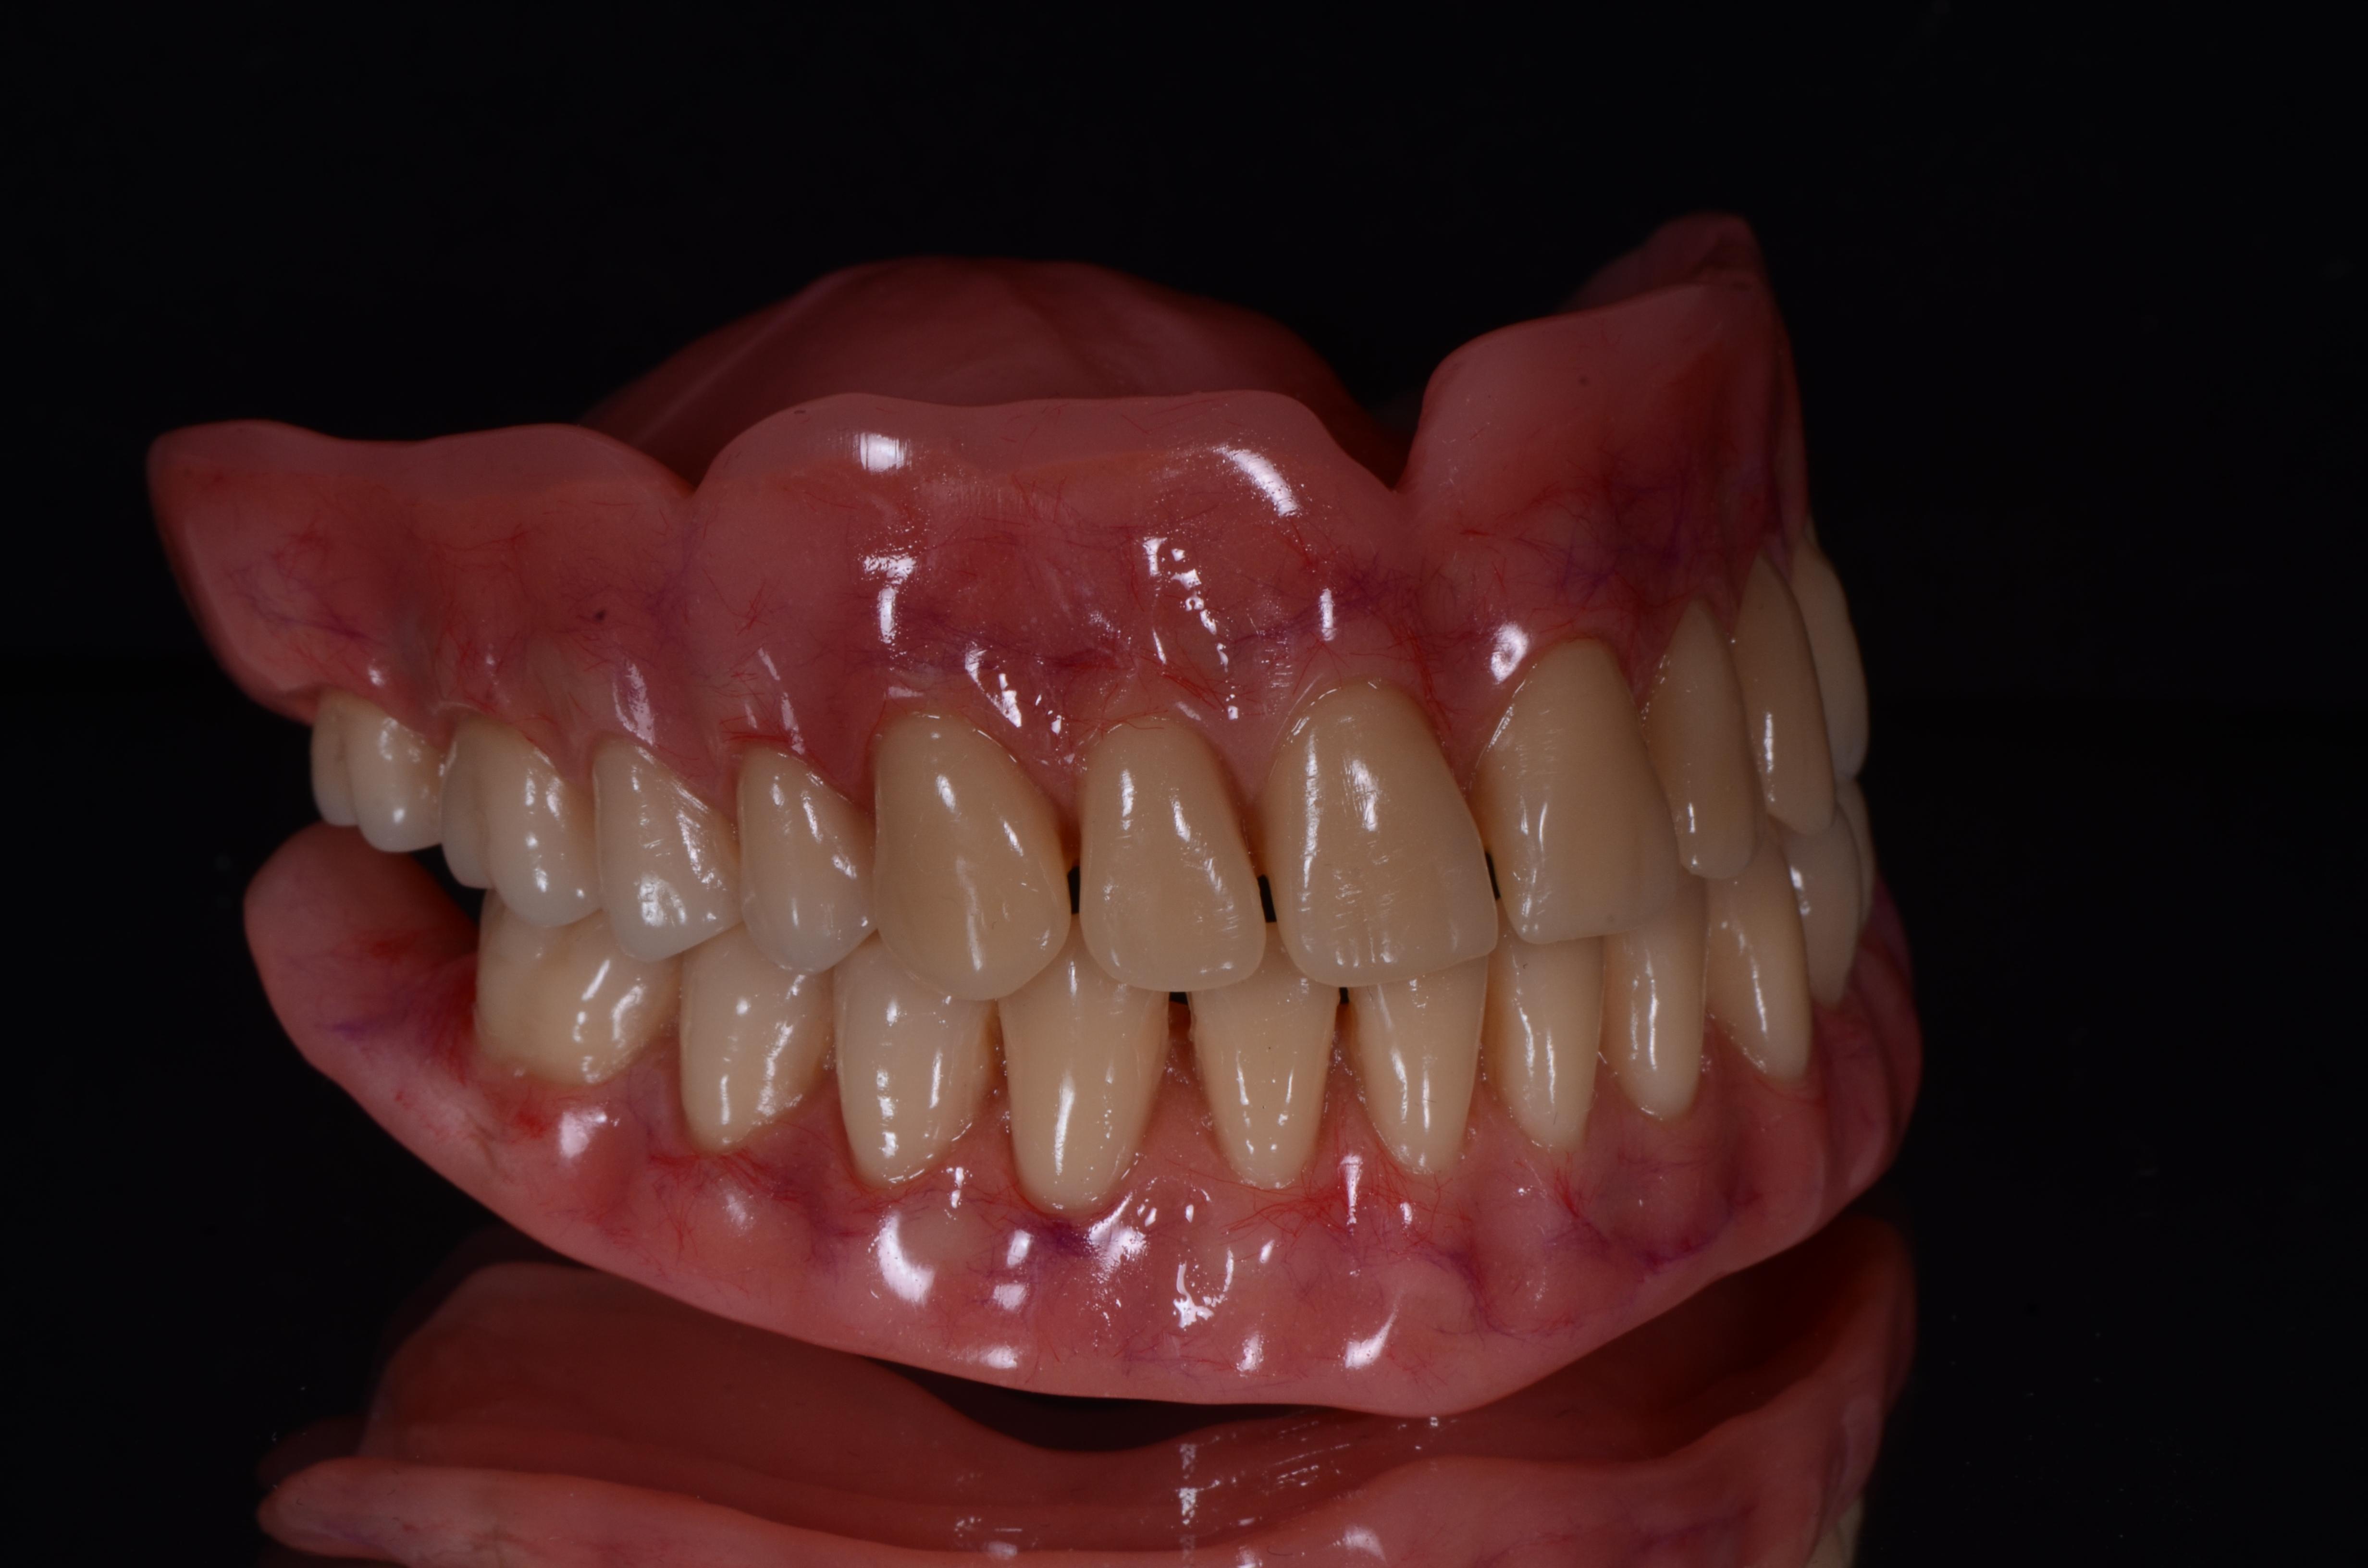 Dentadura porto alegre